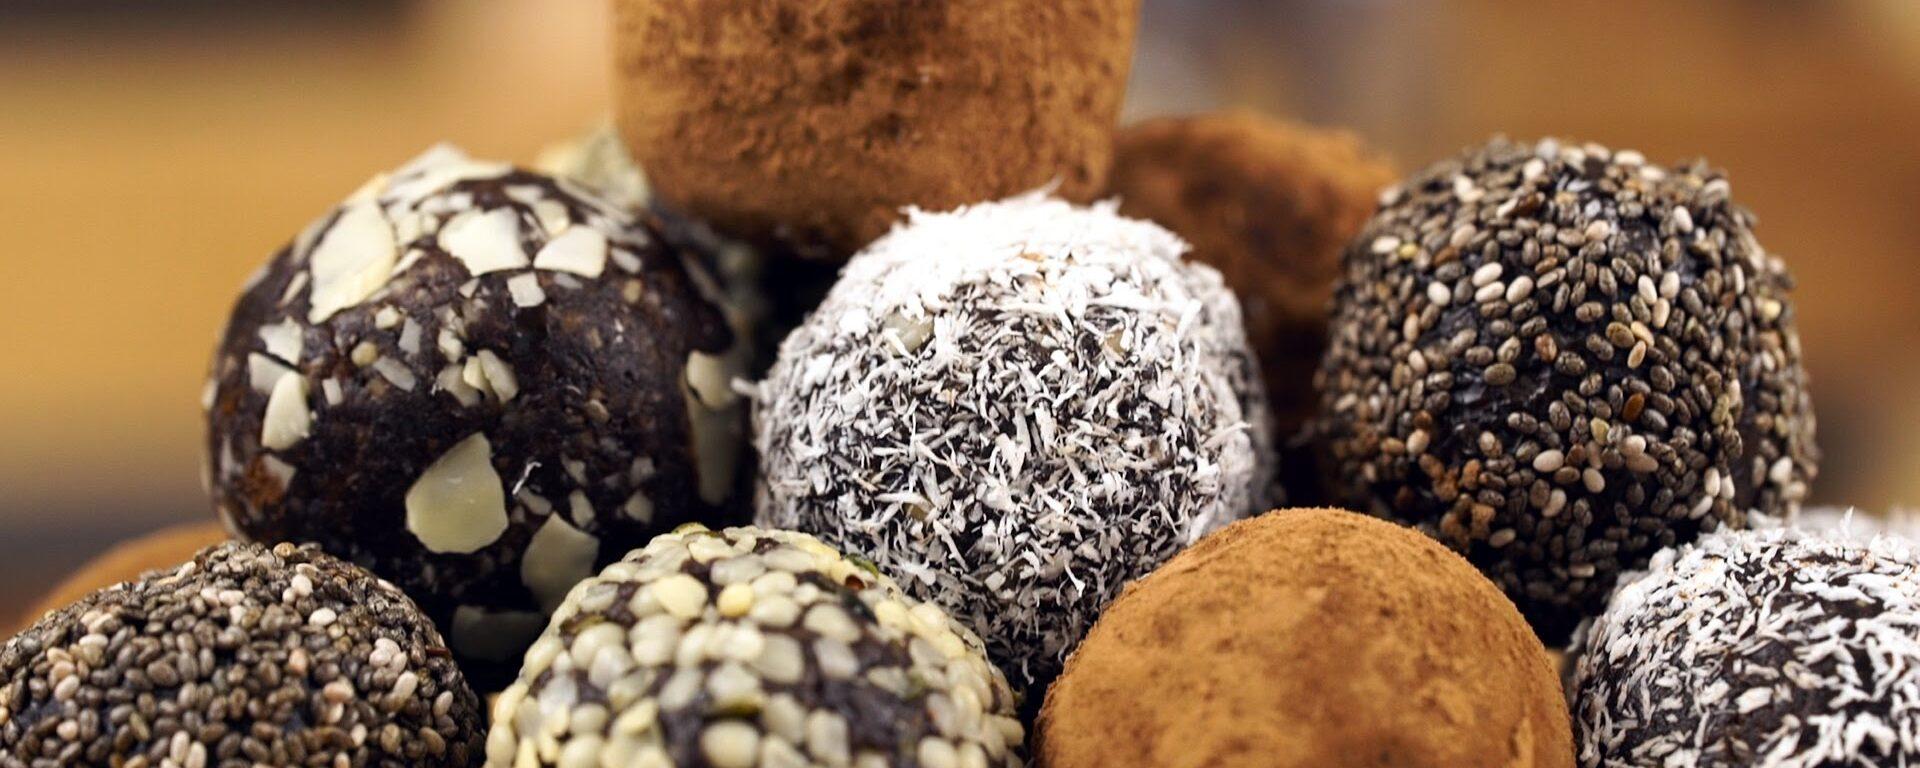 Какие сладости можно веганам: кто на вкусненькое? Рецепты сладостей